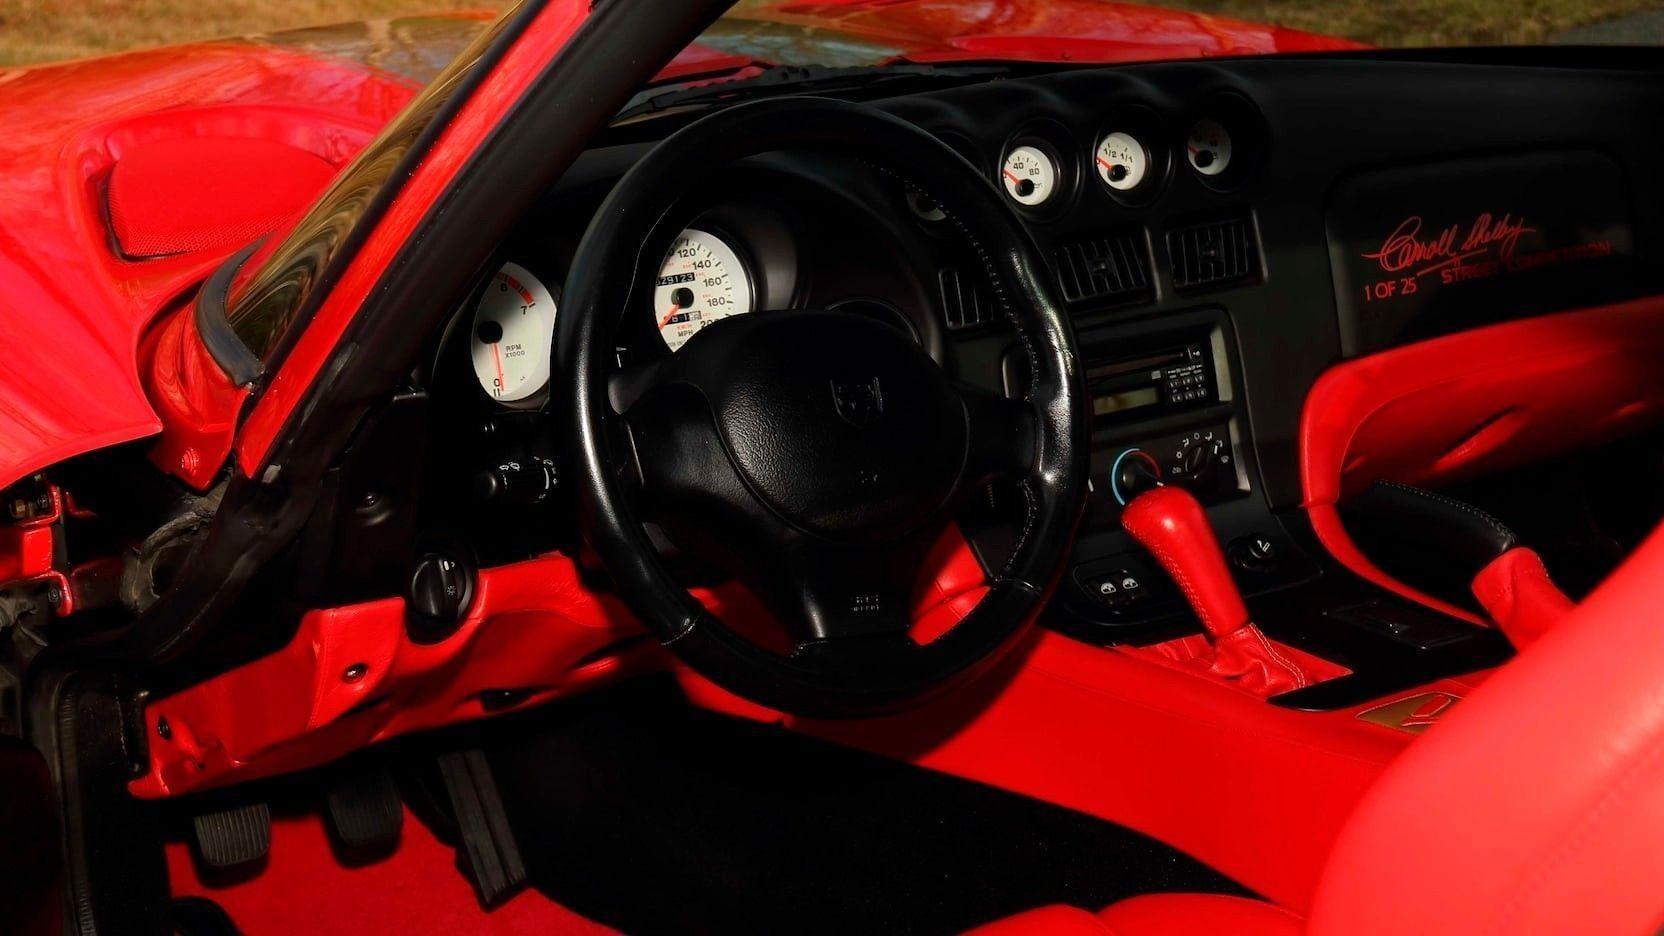 Dodge Viper GTS CS 1997 года, доработанный Кэрроллом Шелби